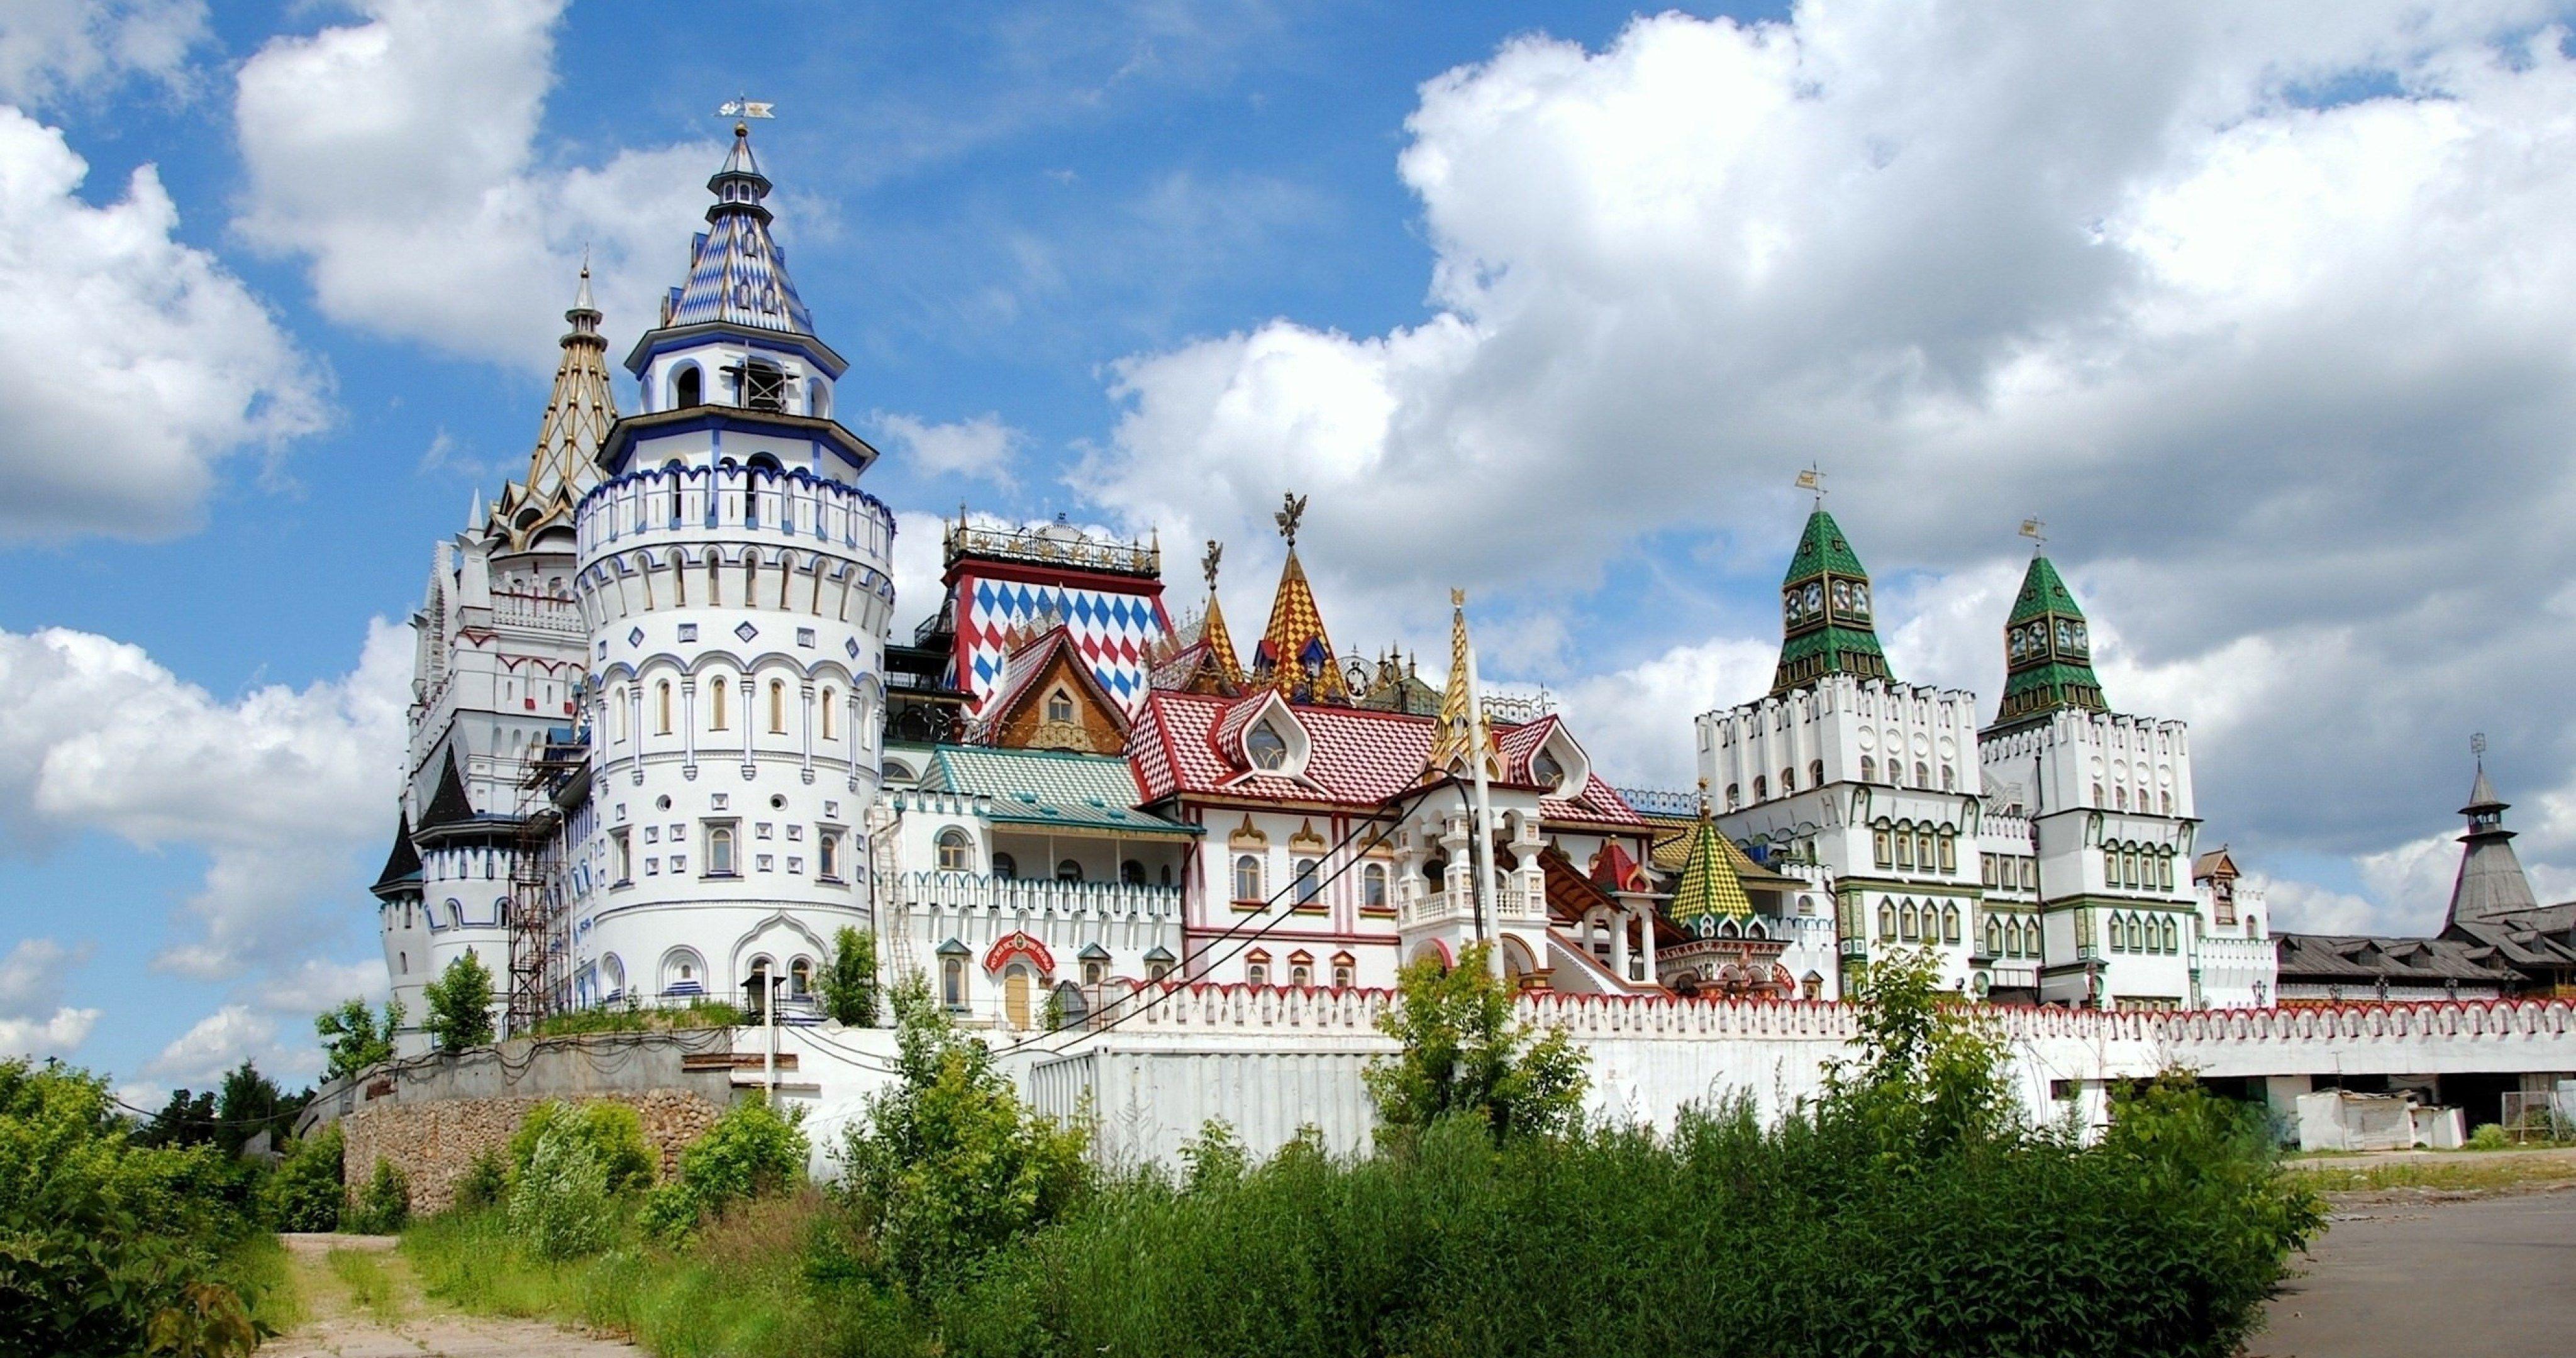 Kremlin Castle 4k Ultra Hd Wallpaper Castle House Styles Wallpaper